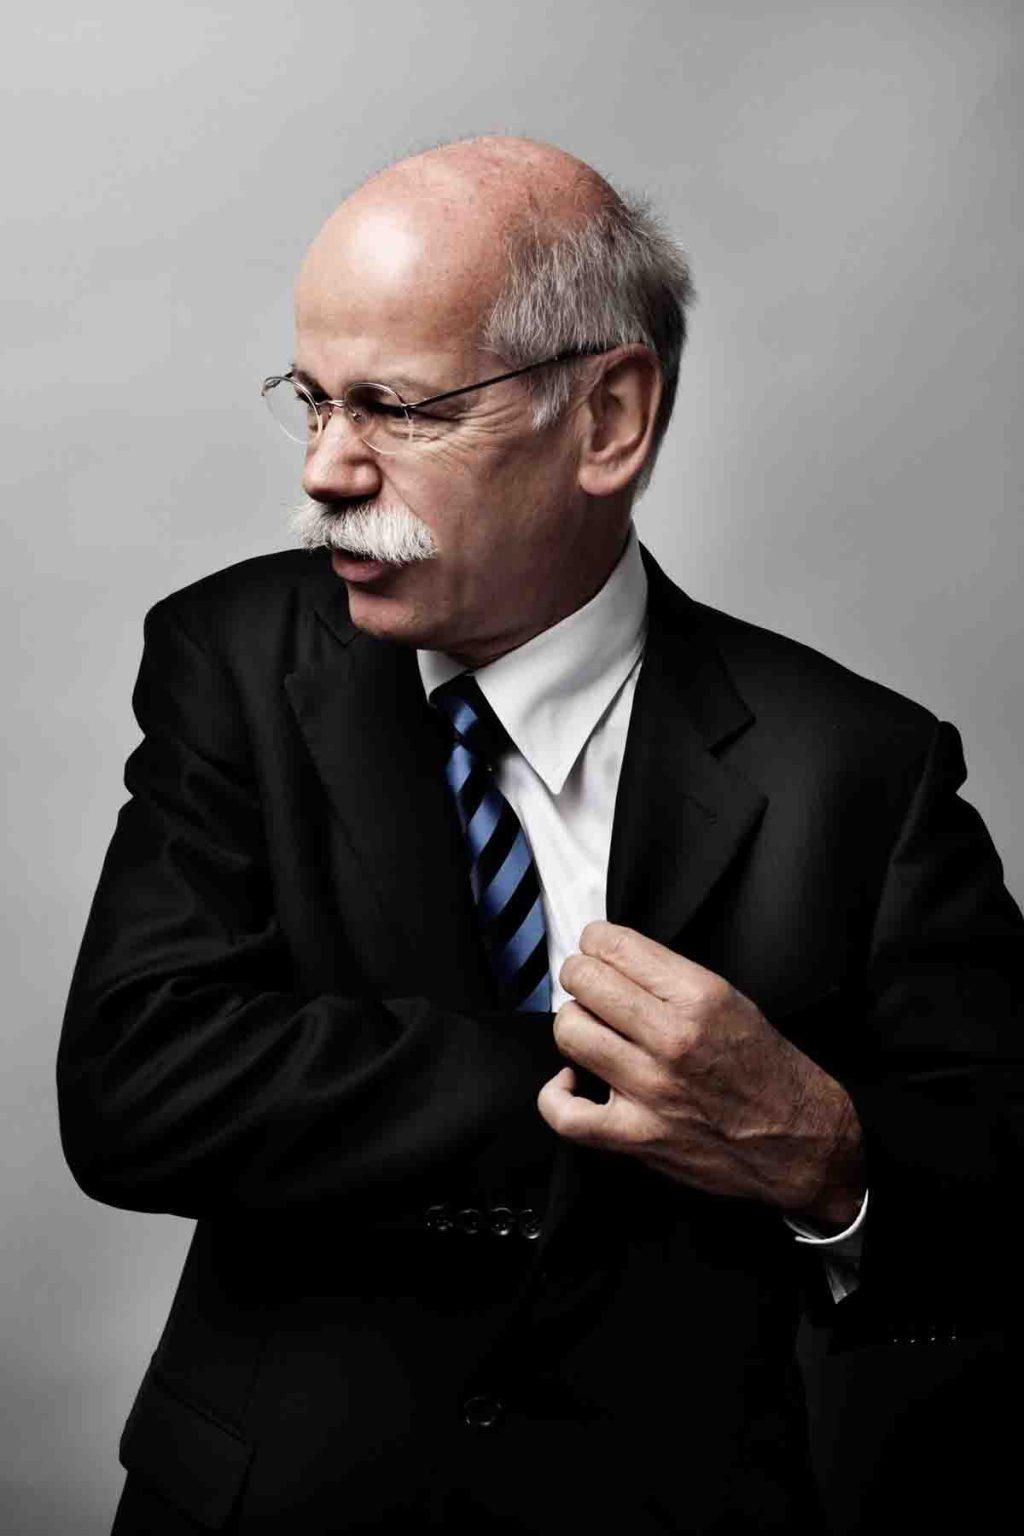 Das Business - Portrait . Zu 50% liegt sein Erfolg in der Hand des Fotografen.